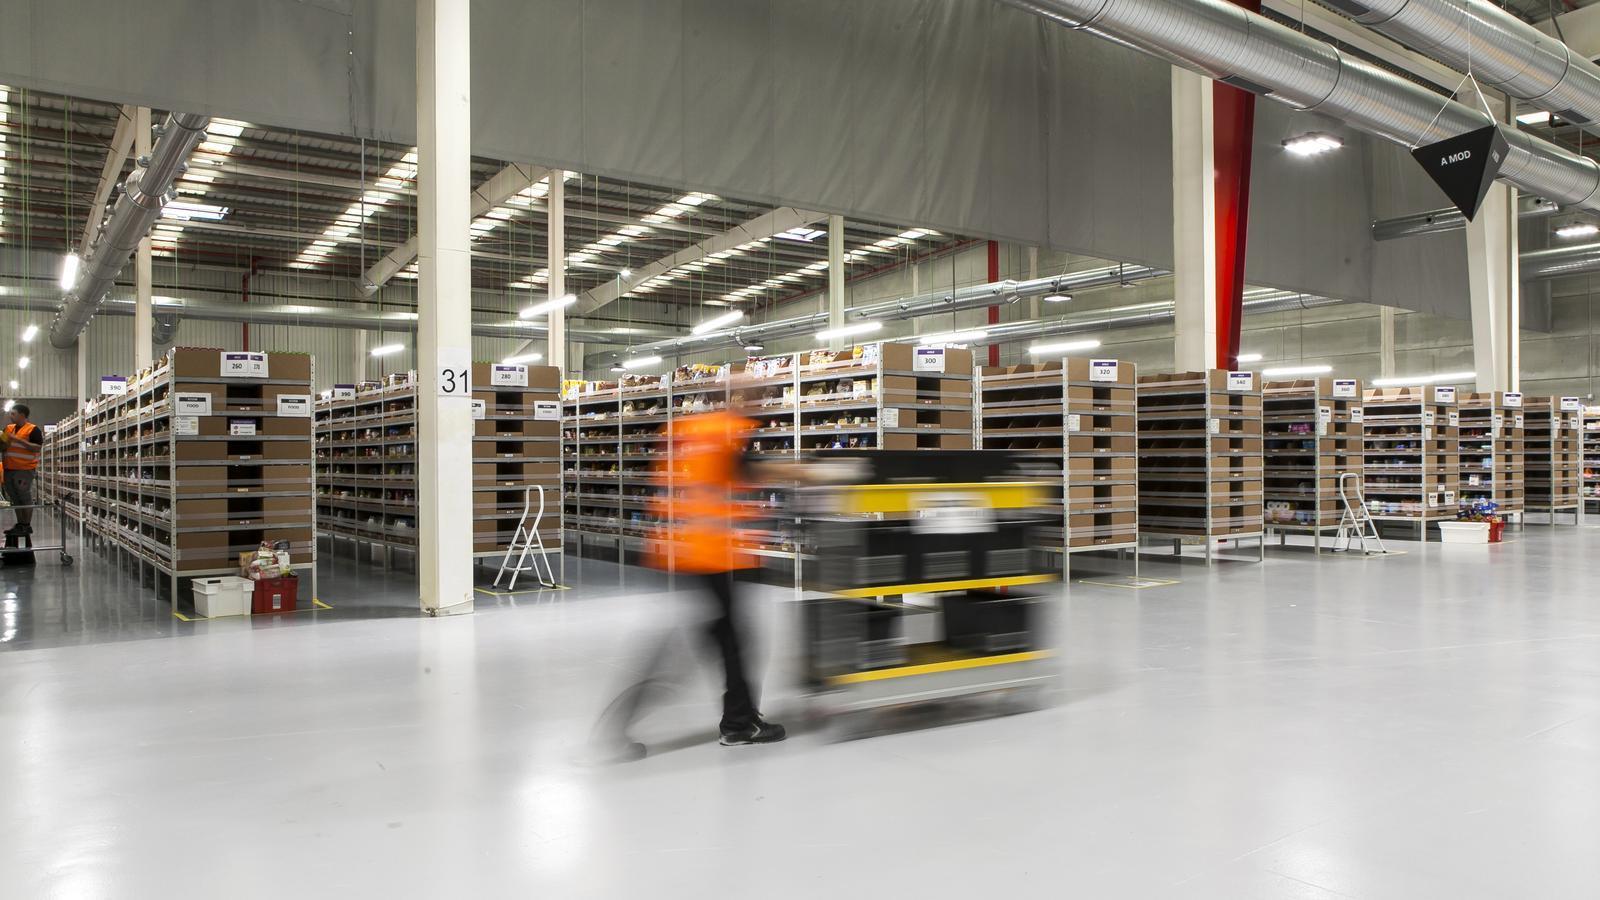 Imatge del nou centre logístic d'Amazon a Castellbisbal proveïda per la mateixa companyia